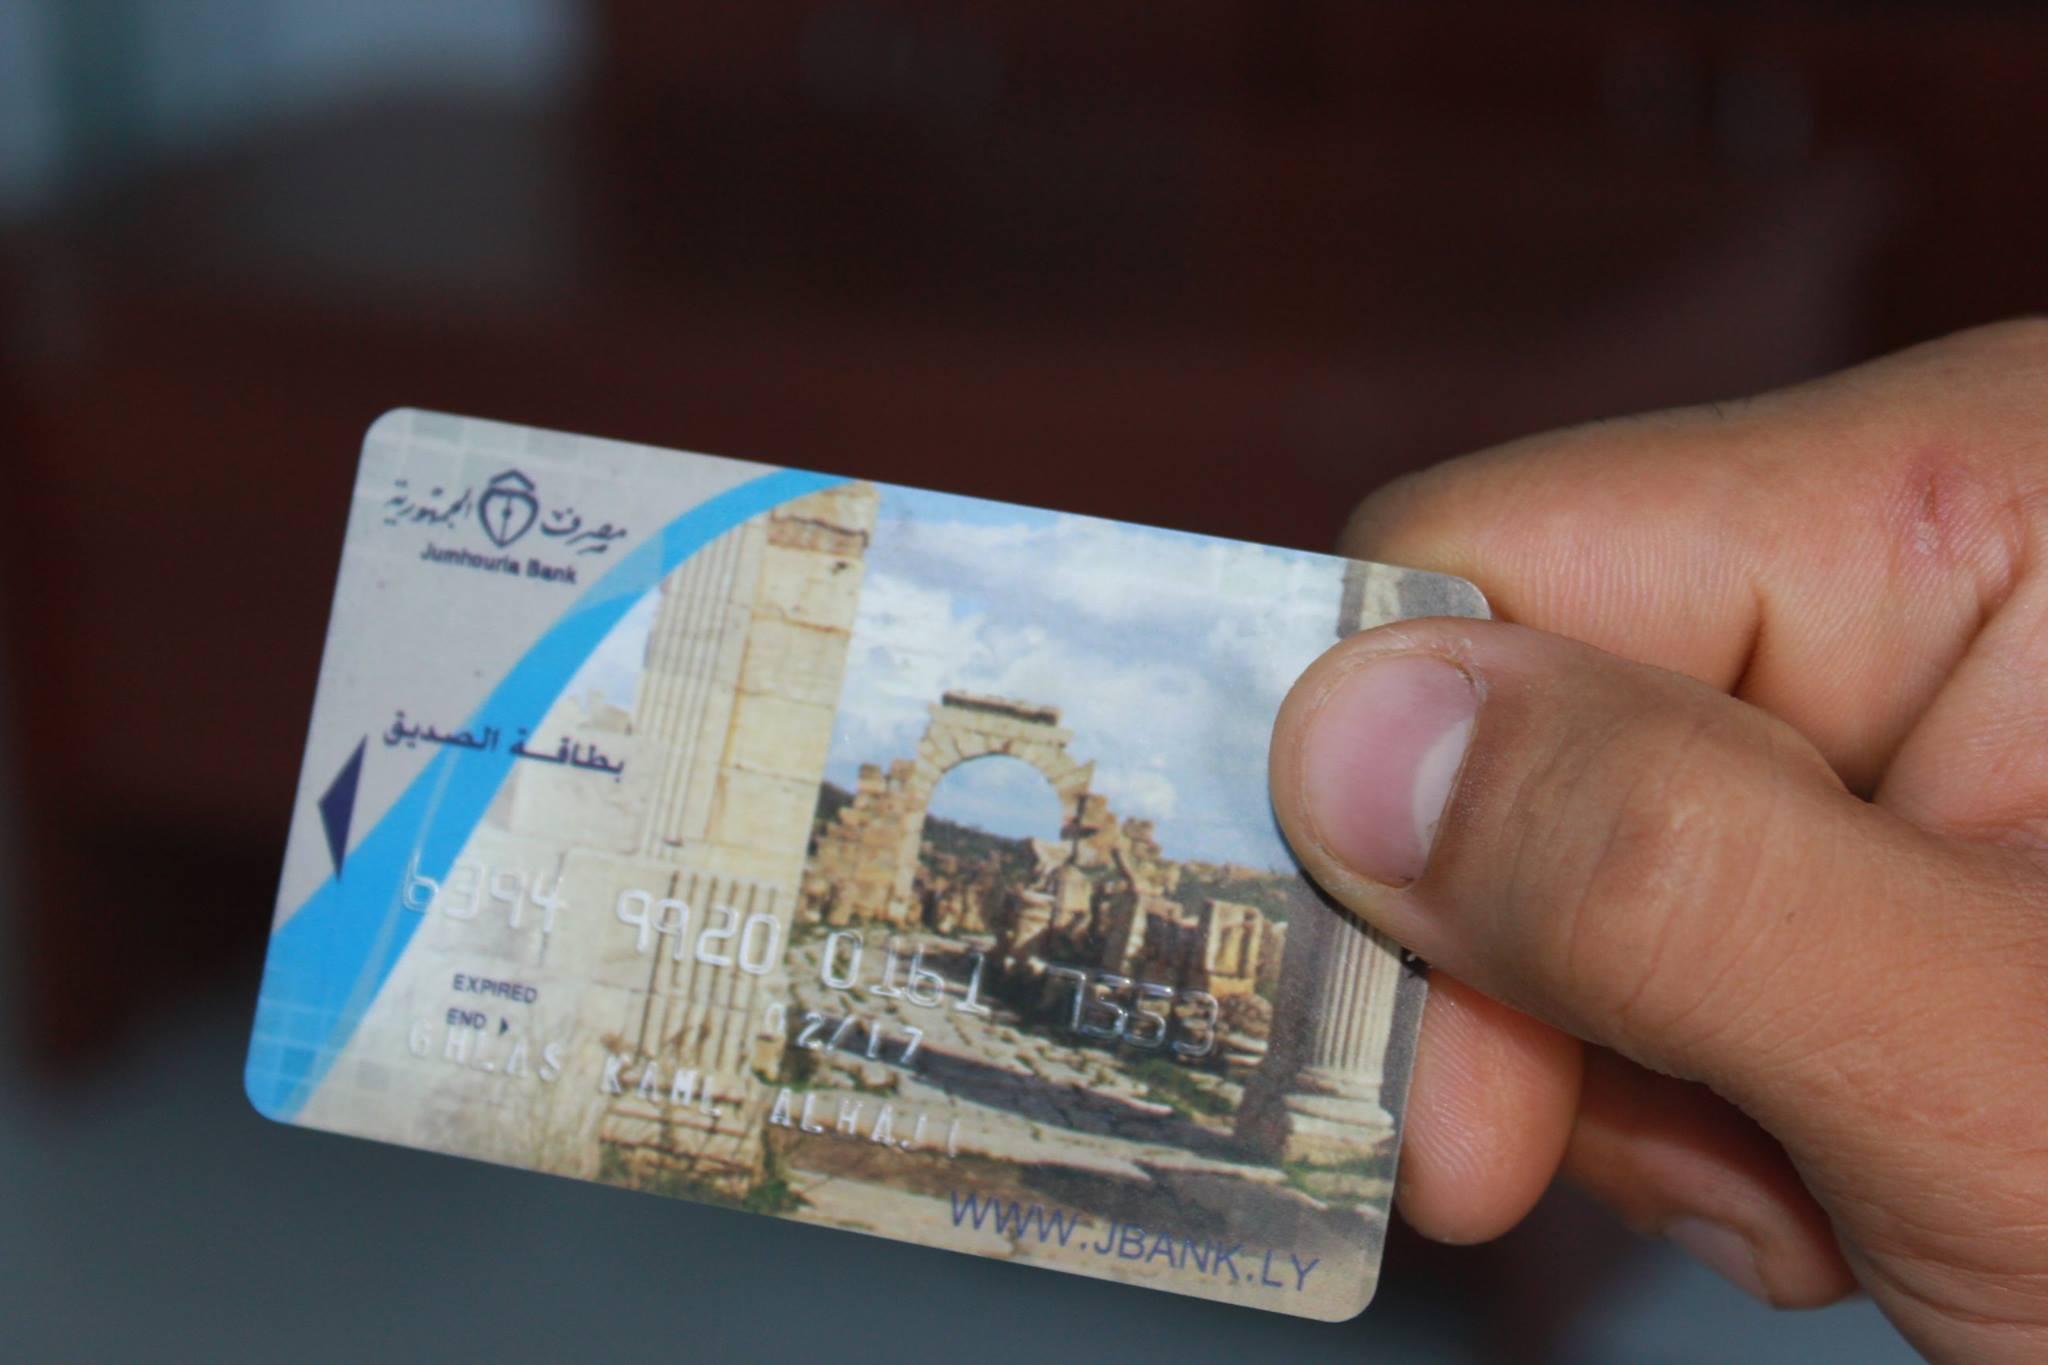 خبراء أمميون يرصدون اختلاس أموال عامة في مصرفين ليبيين